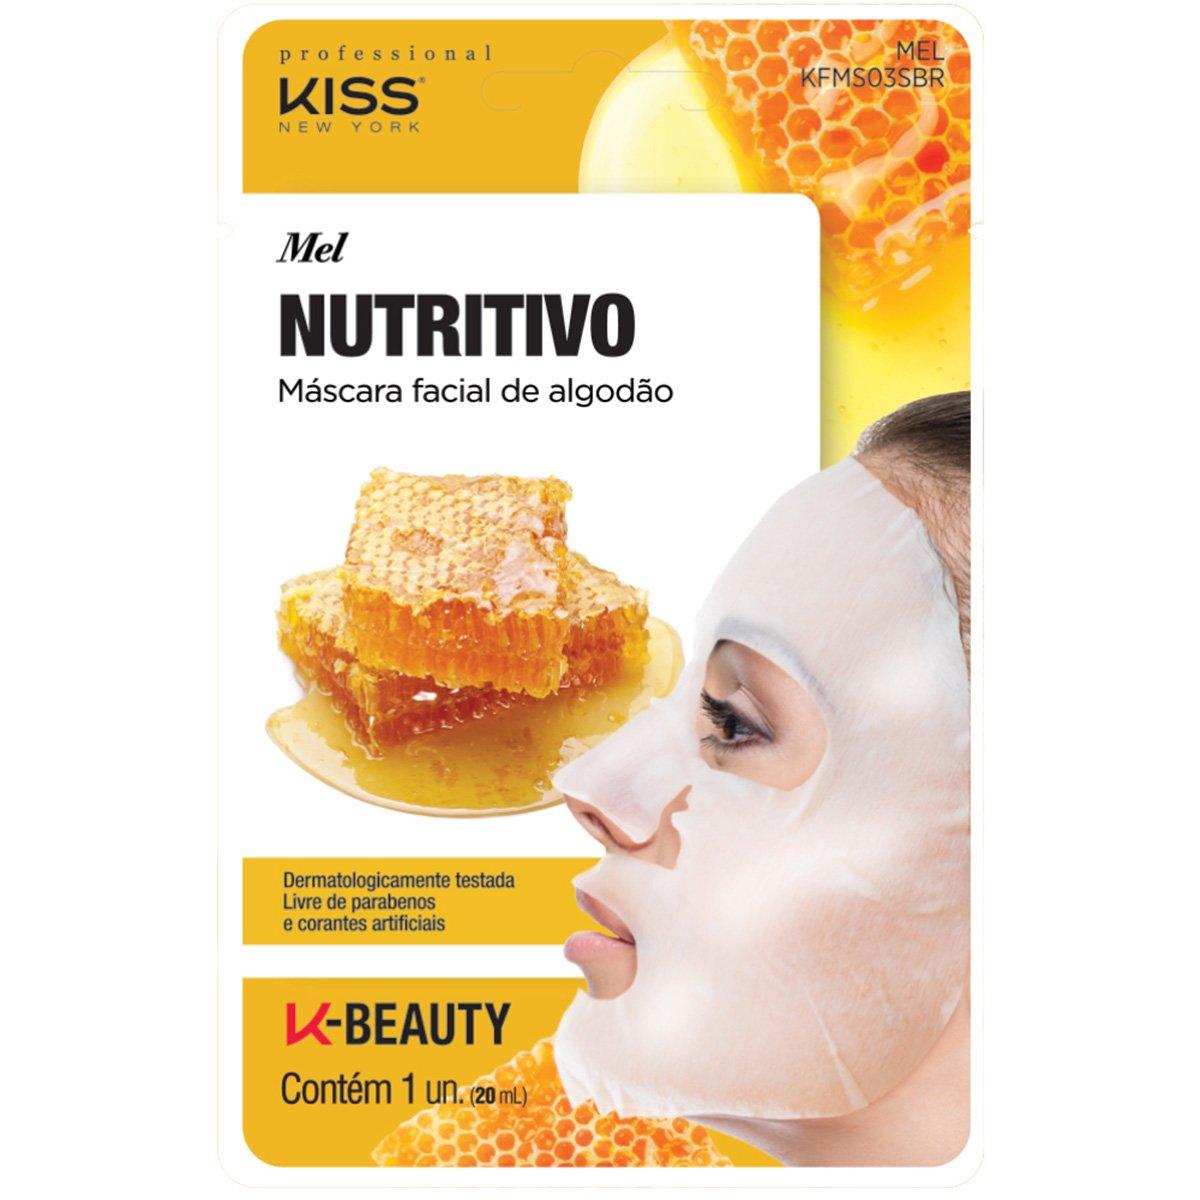 Máscara Facial de AlgodãoMel Kiss New York